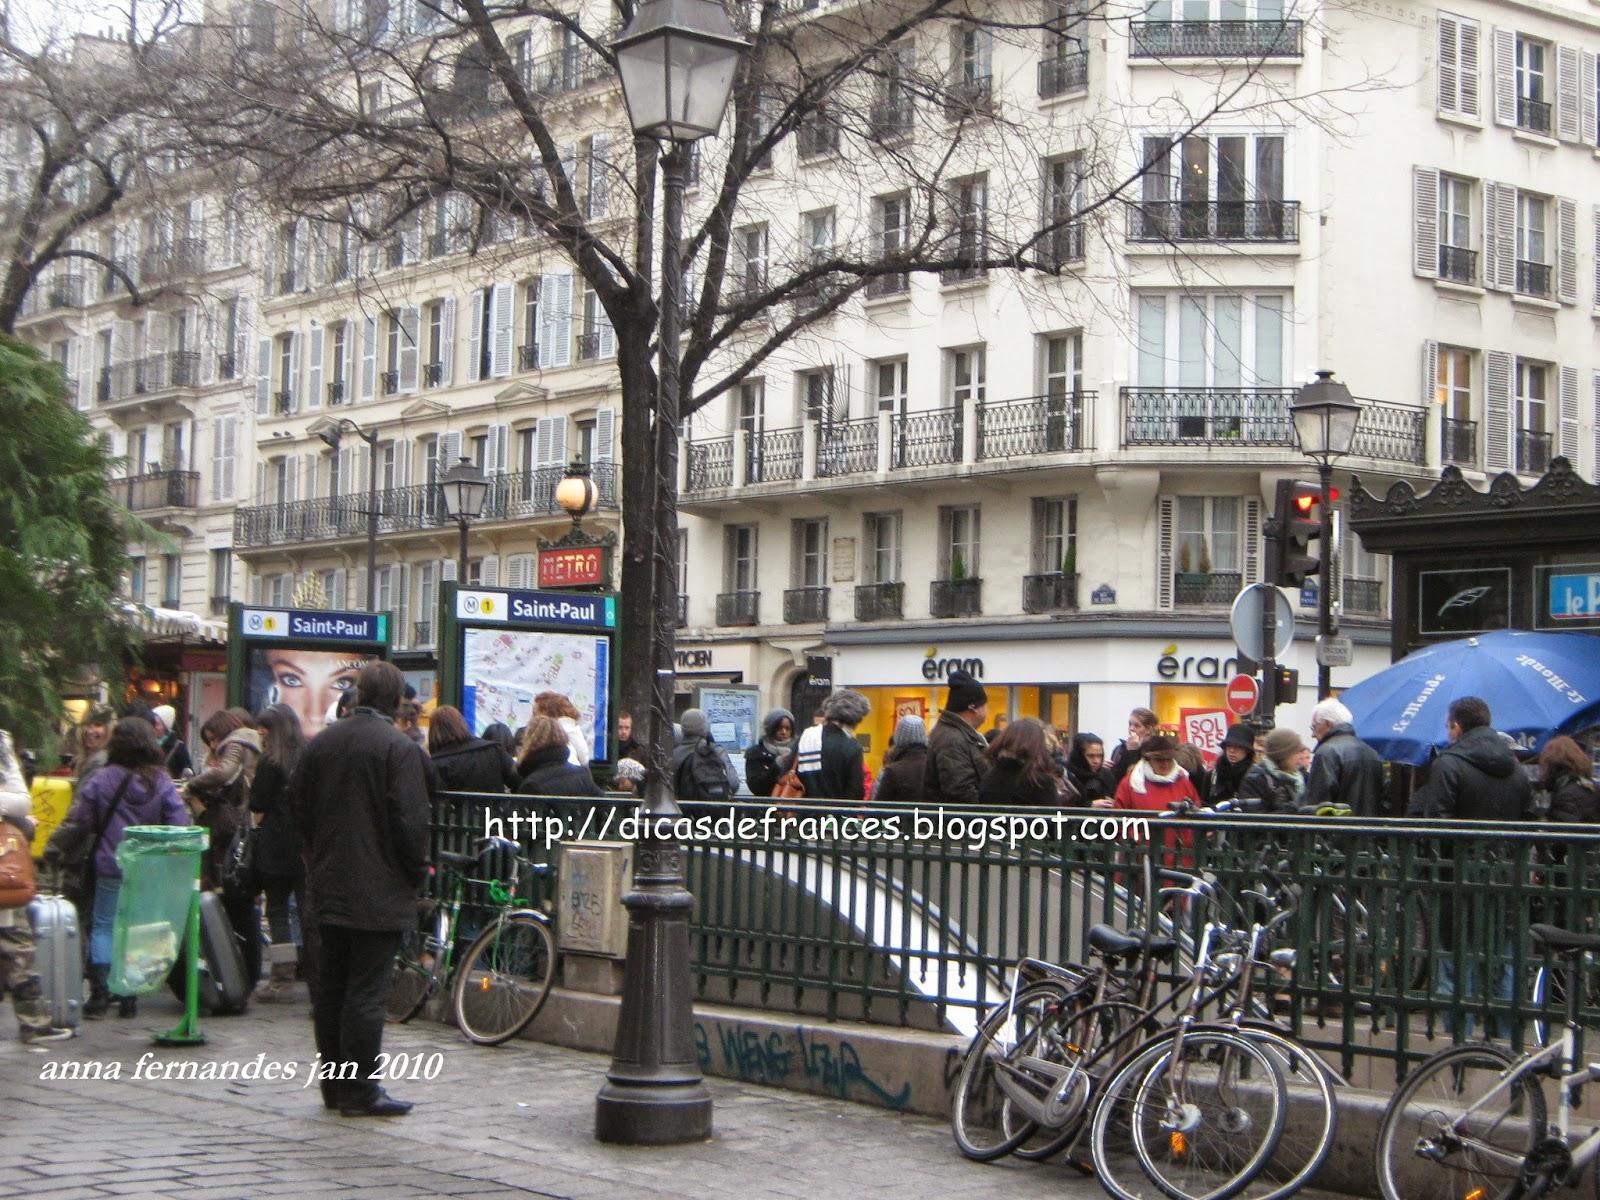 Dicas pr ticas de franc s para brasileiros marais iii e for Hotel zona marais parigi